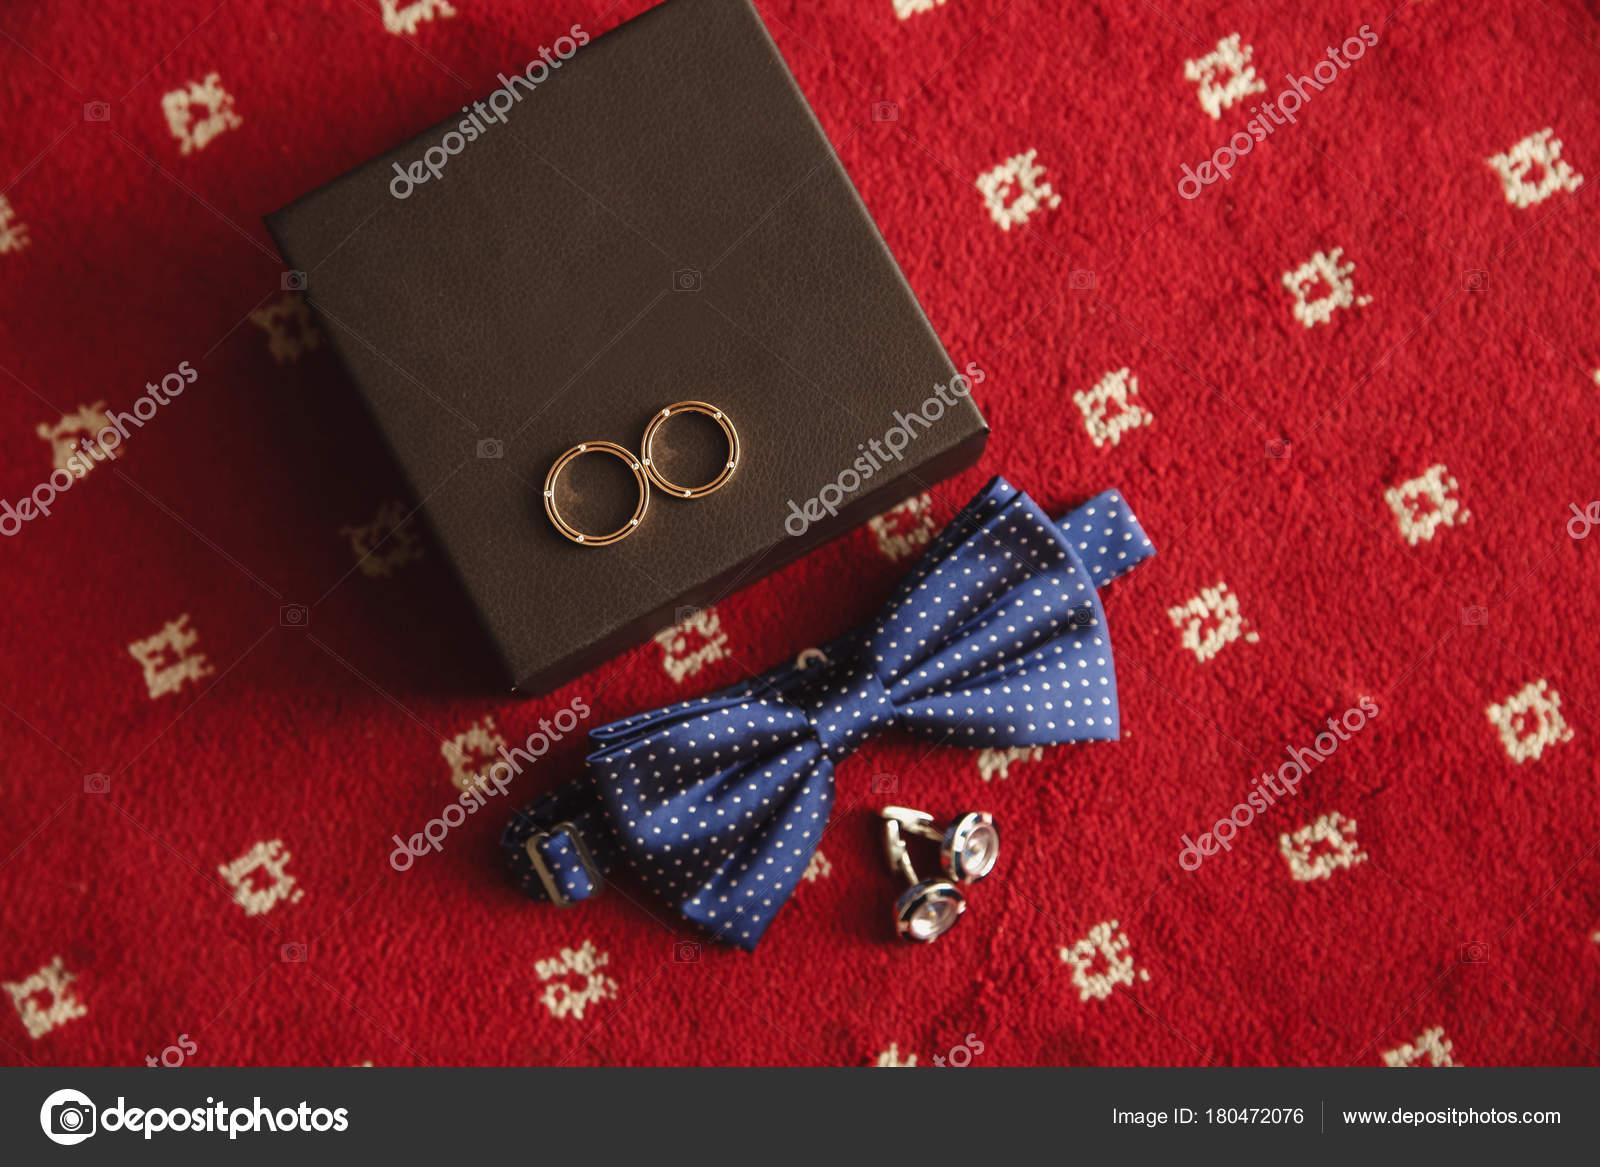 e3236afbc76f Dettagli del matrimonio. Accessori sposo. Scarpe e Papillon — Foto di ...